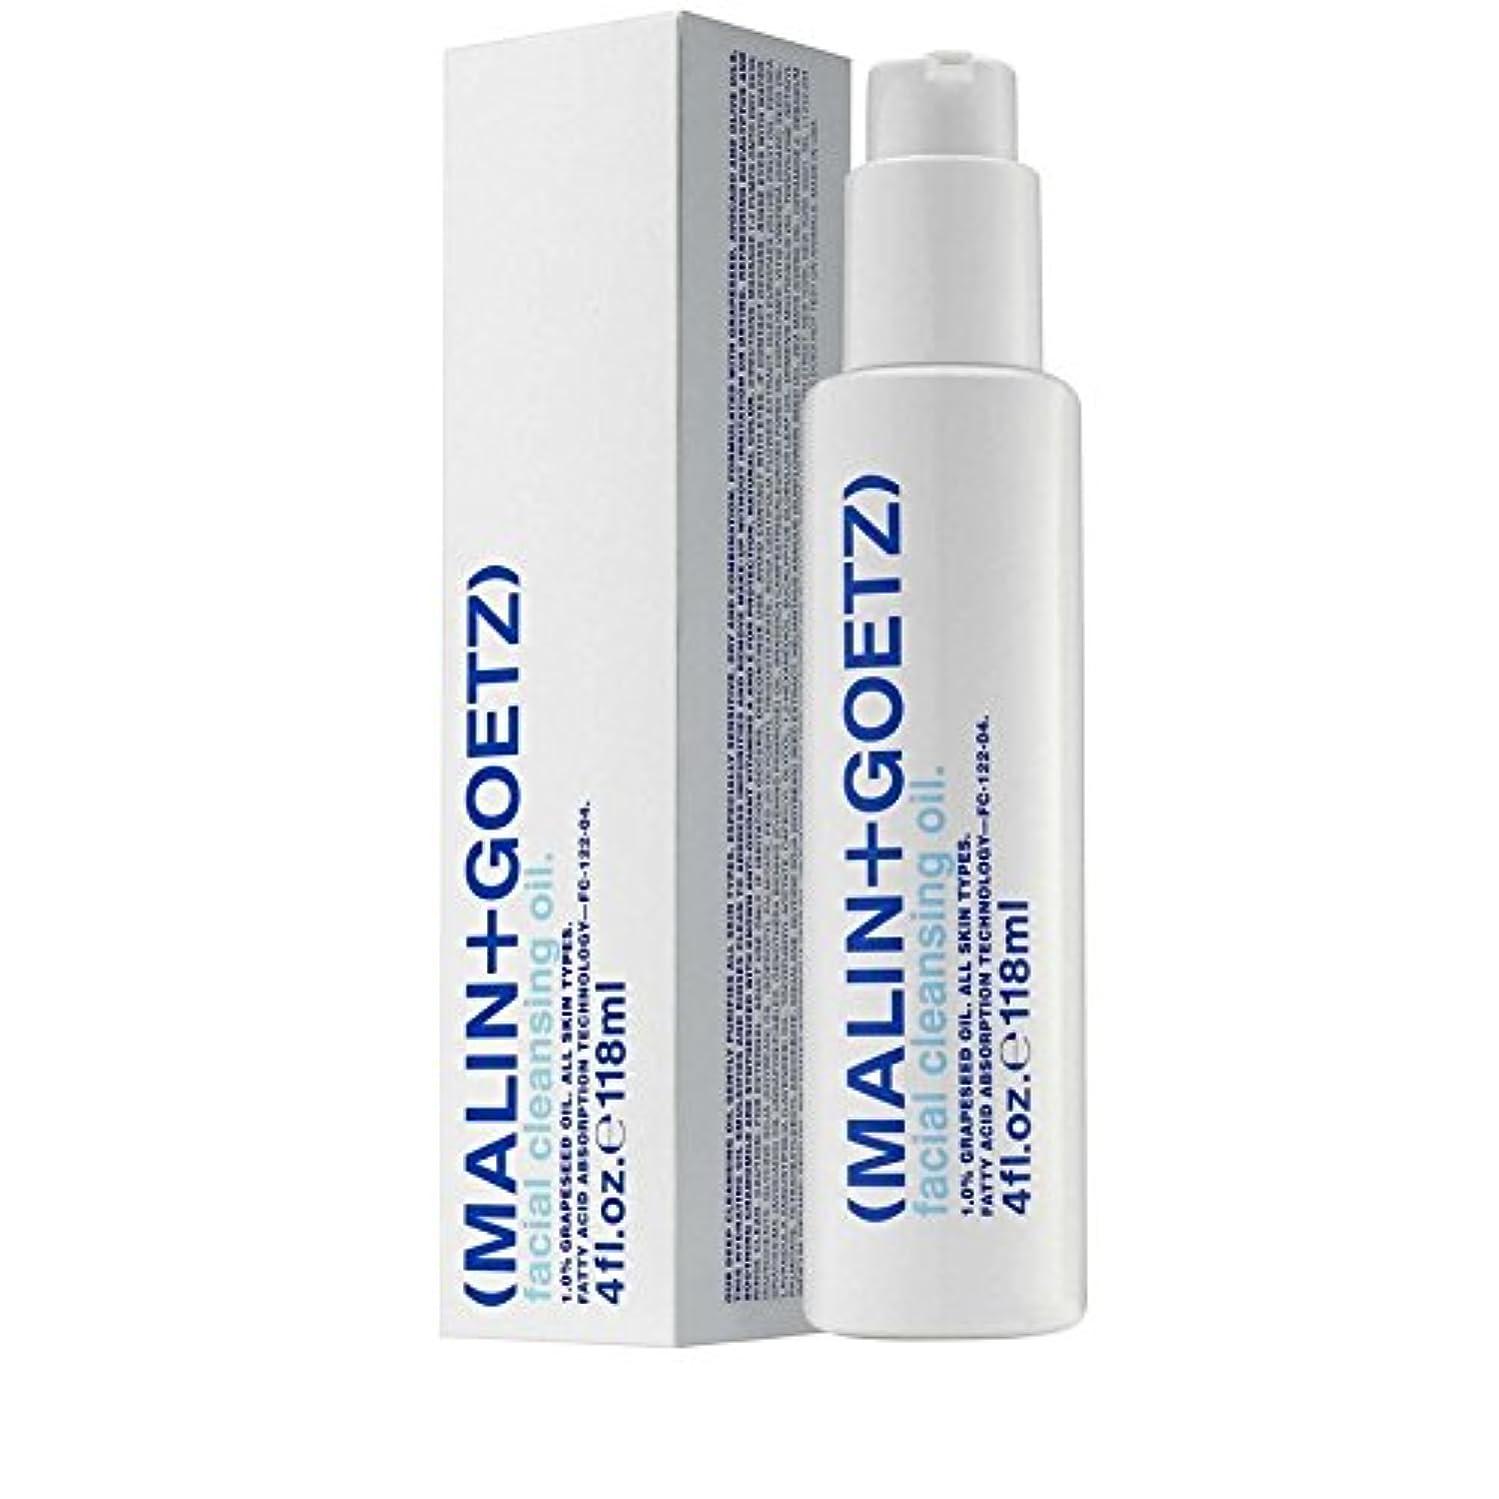 記念碑的なスカーフ効能MALIN+GOETZ Facial Cleansing Oil 118ml (Pack of 6) - マリン+ゲッツ洗顔オイル118ミリリットル x6 [並行輸入品]